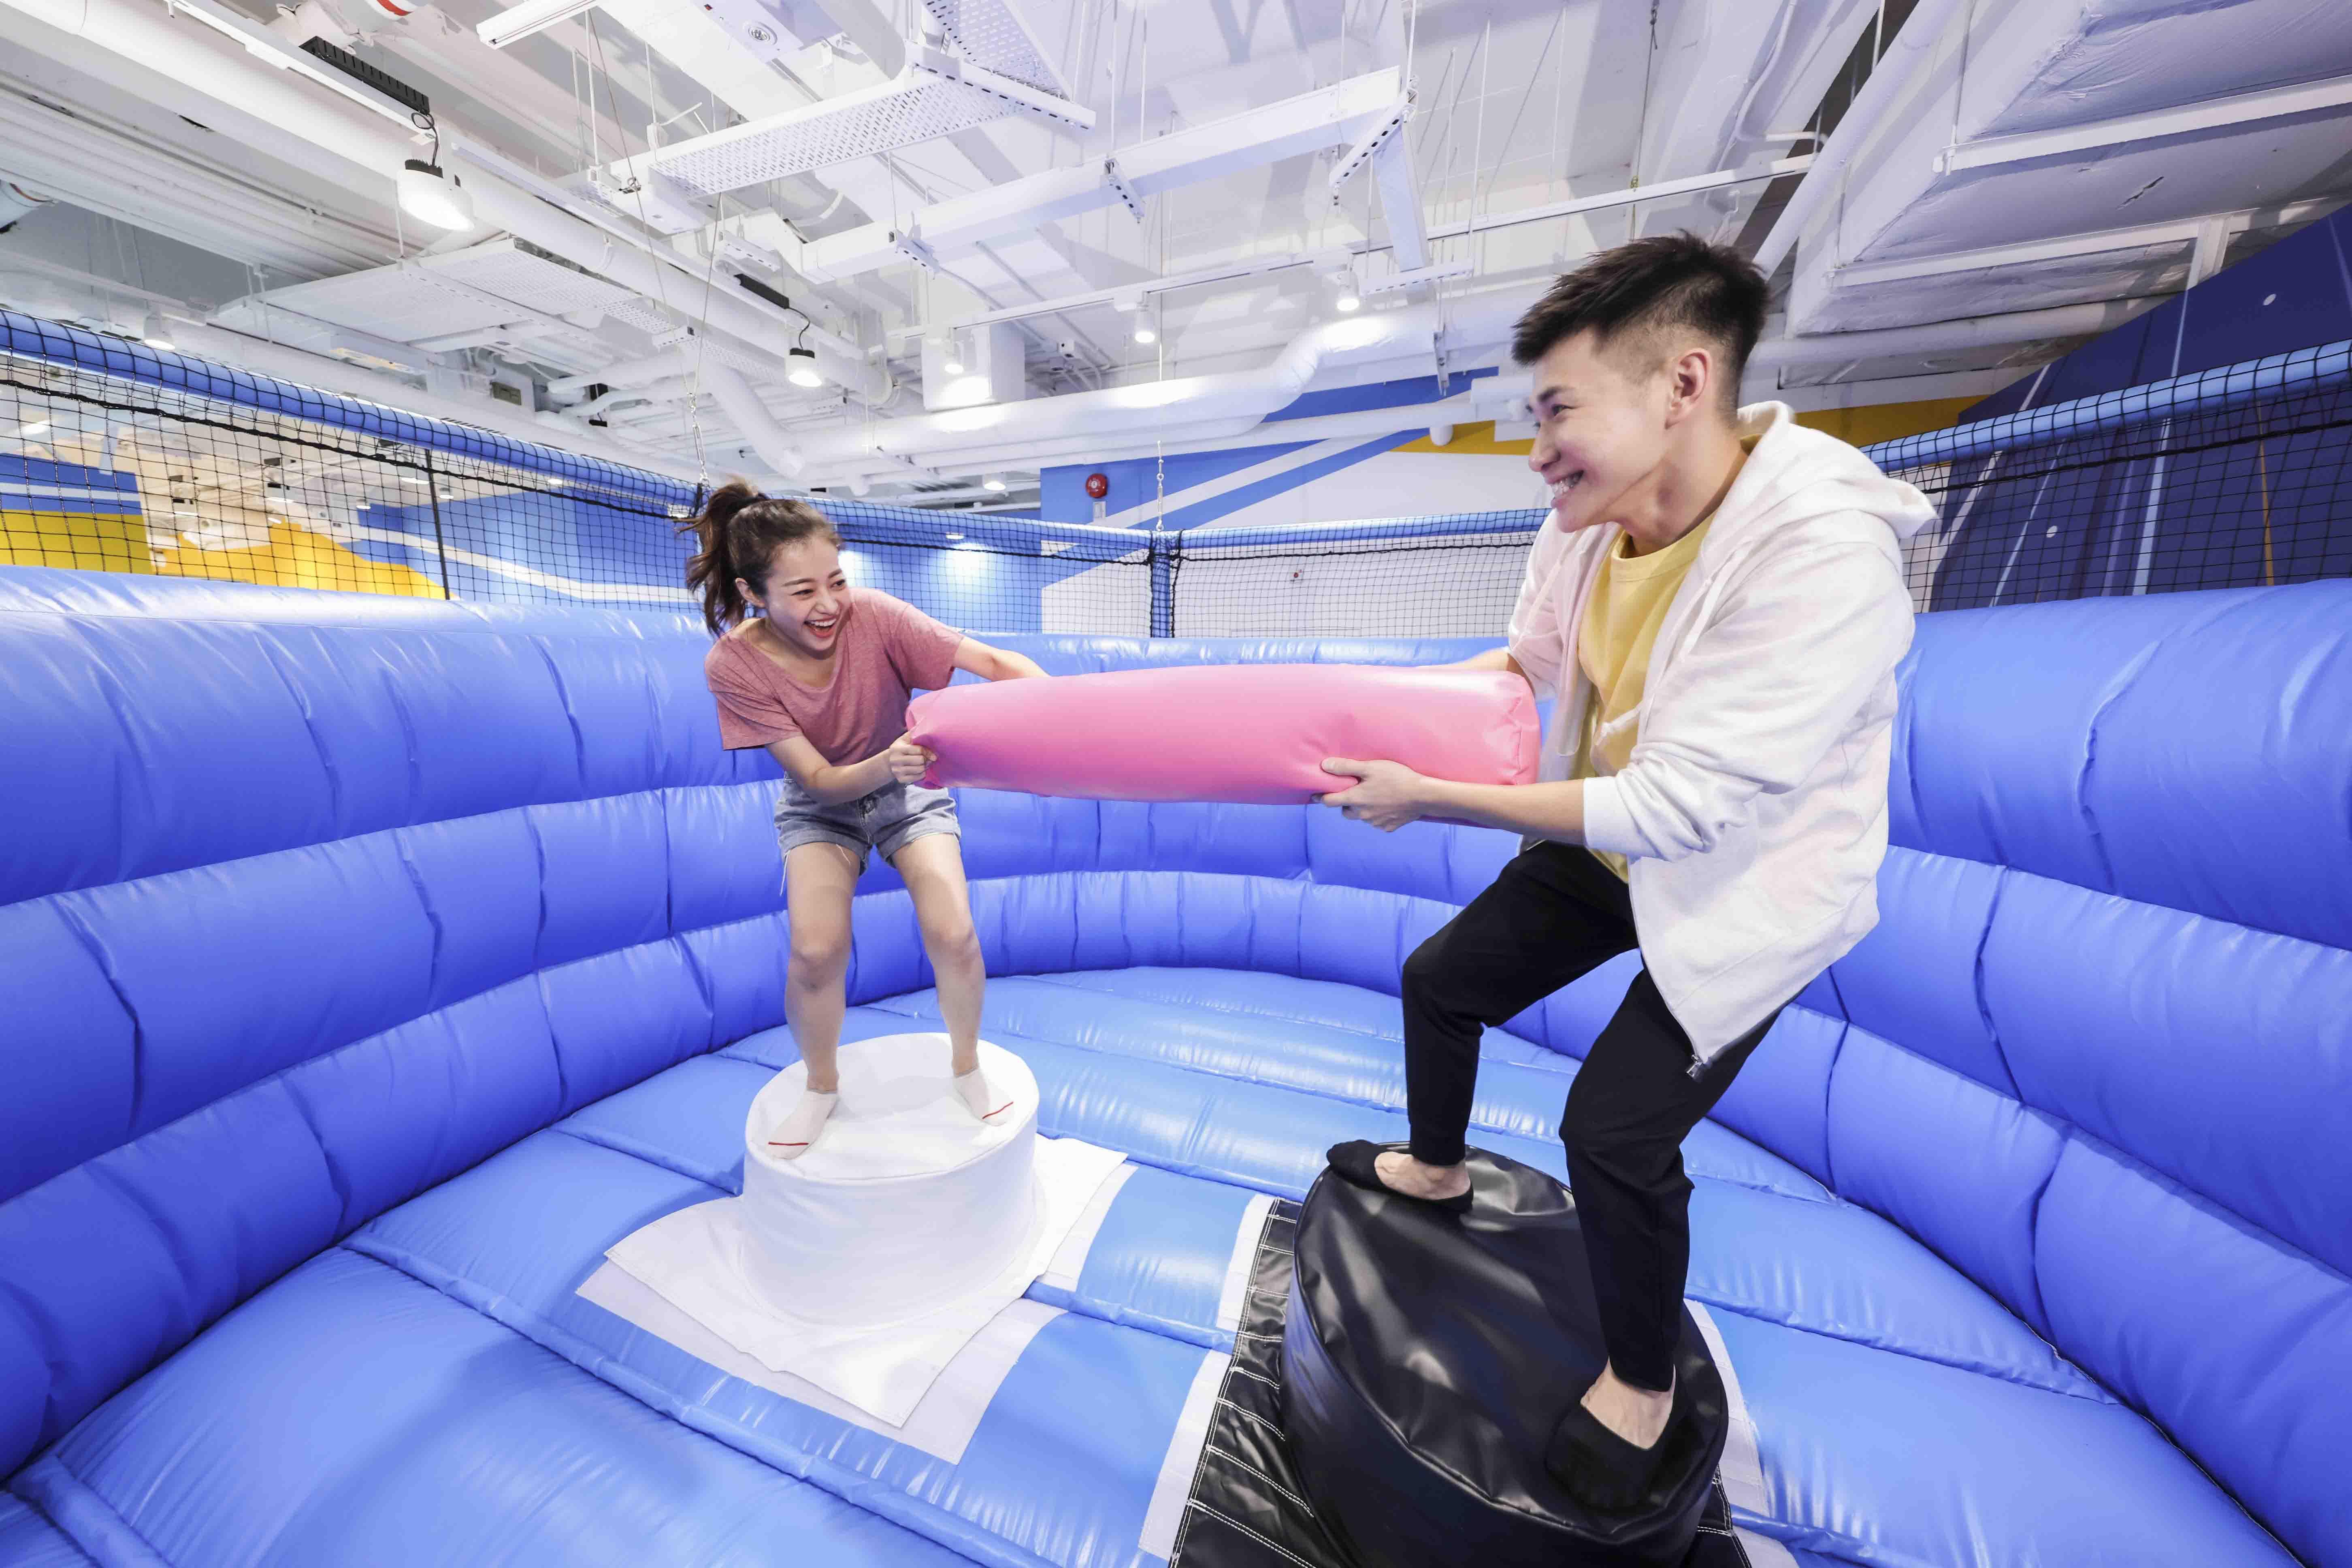 〈好玩〉爆發力大比拼!NAMCO日本特色運動遊樂競技場今開幕